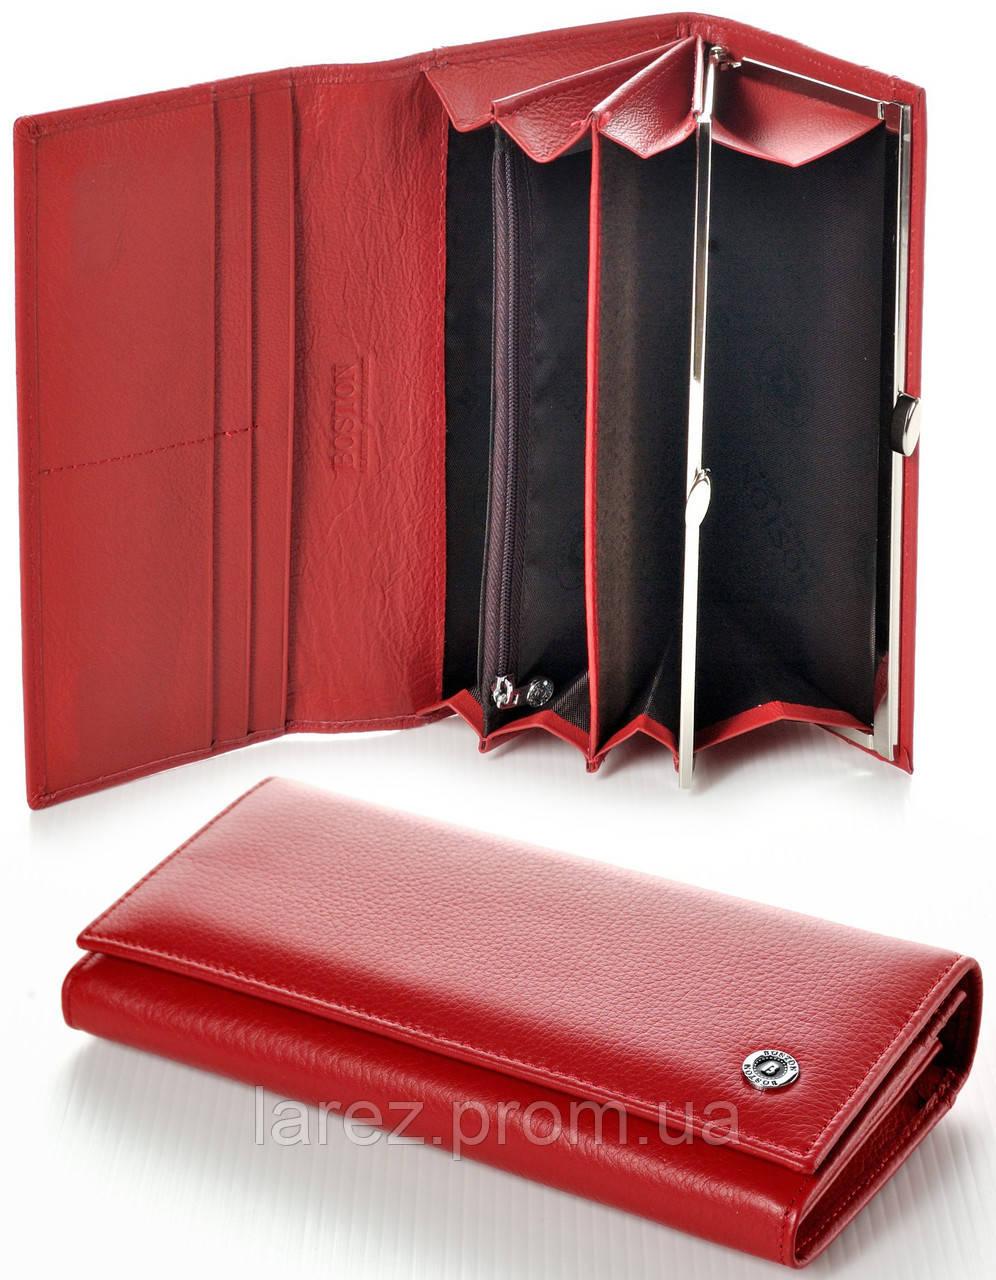 768dd79d7723 Женский кожаный кошелек Boston на магнитах натуральная кожа: продажа ...